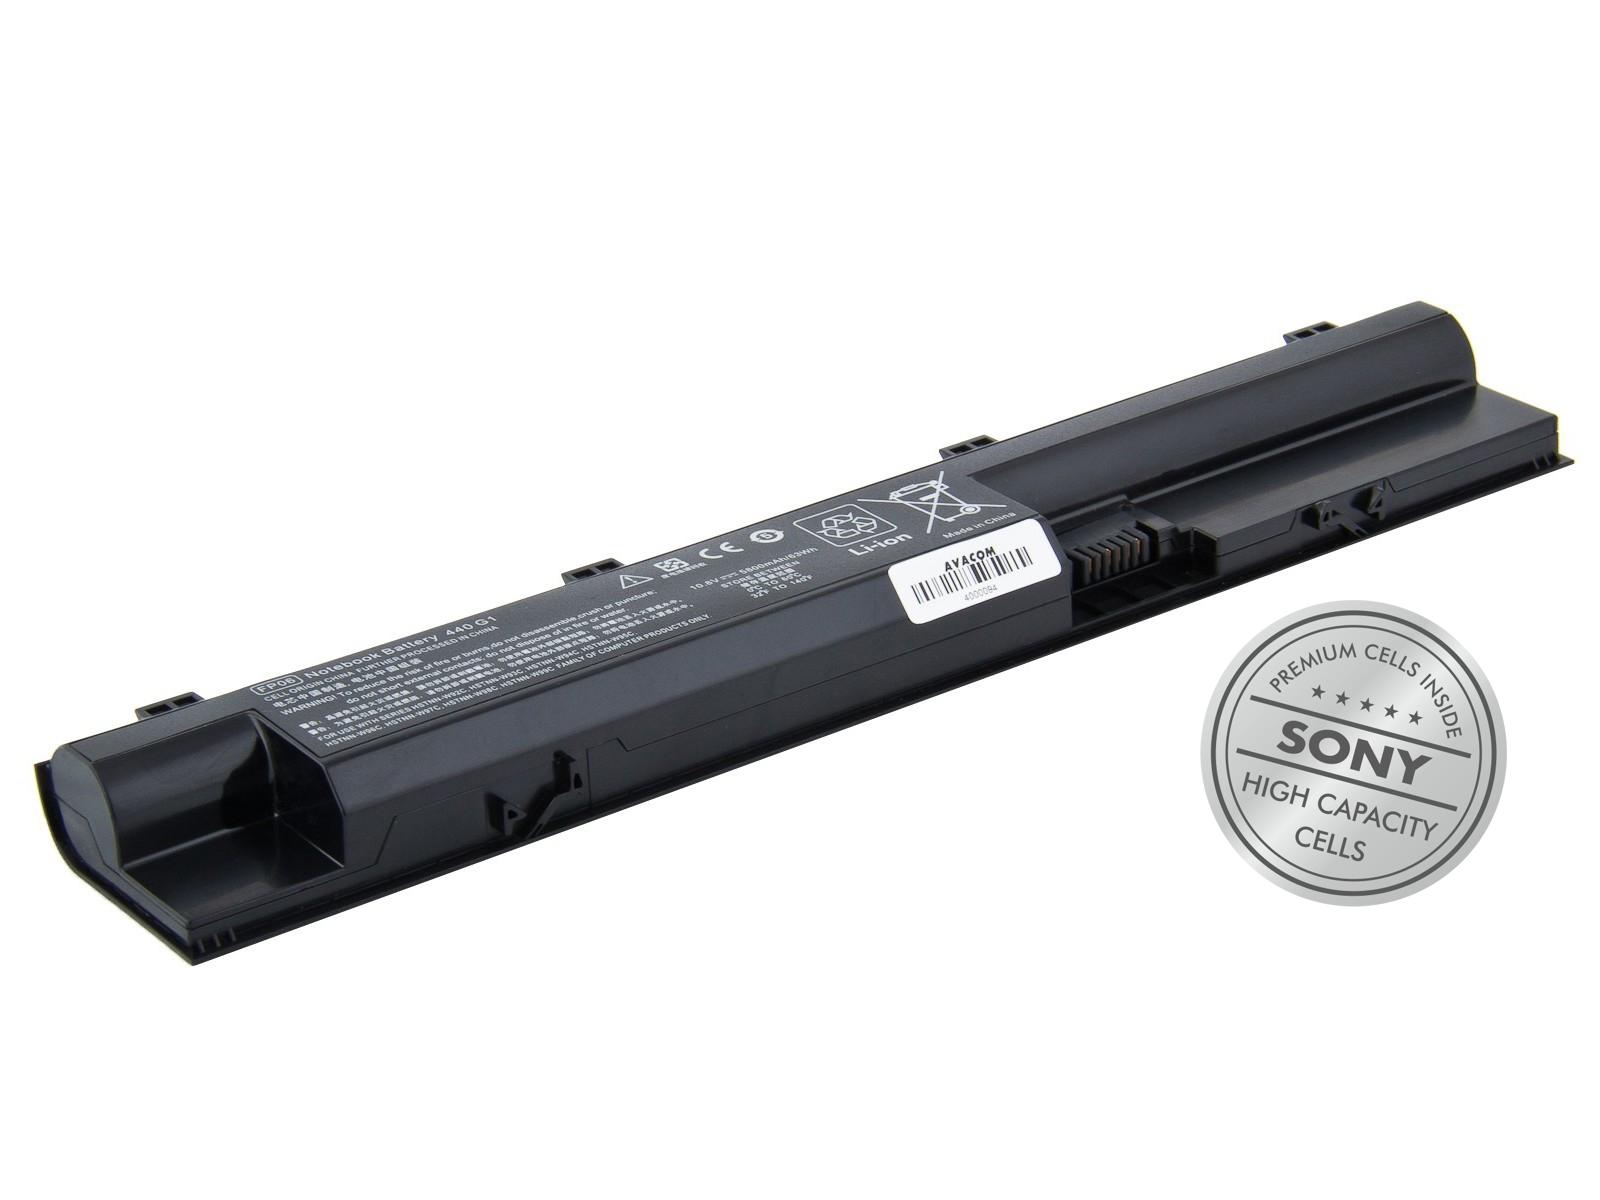 Baterie AVACOM NOHP-44G1-S29 pro HP 440 G0/G1, 450 G0/G1, 470 G0/G1 Li-Ion 10,8V 5800mAh/ 63Wh